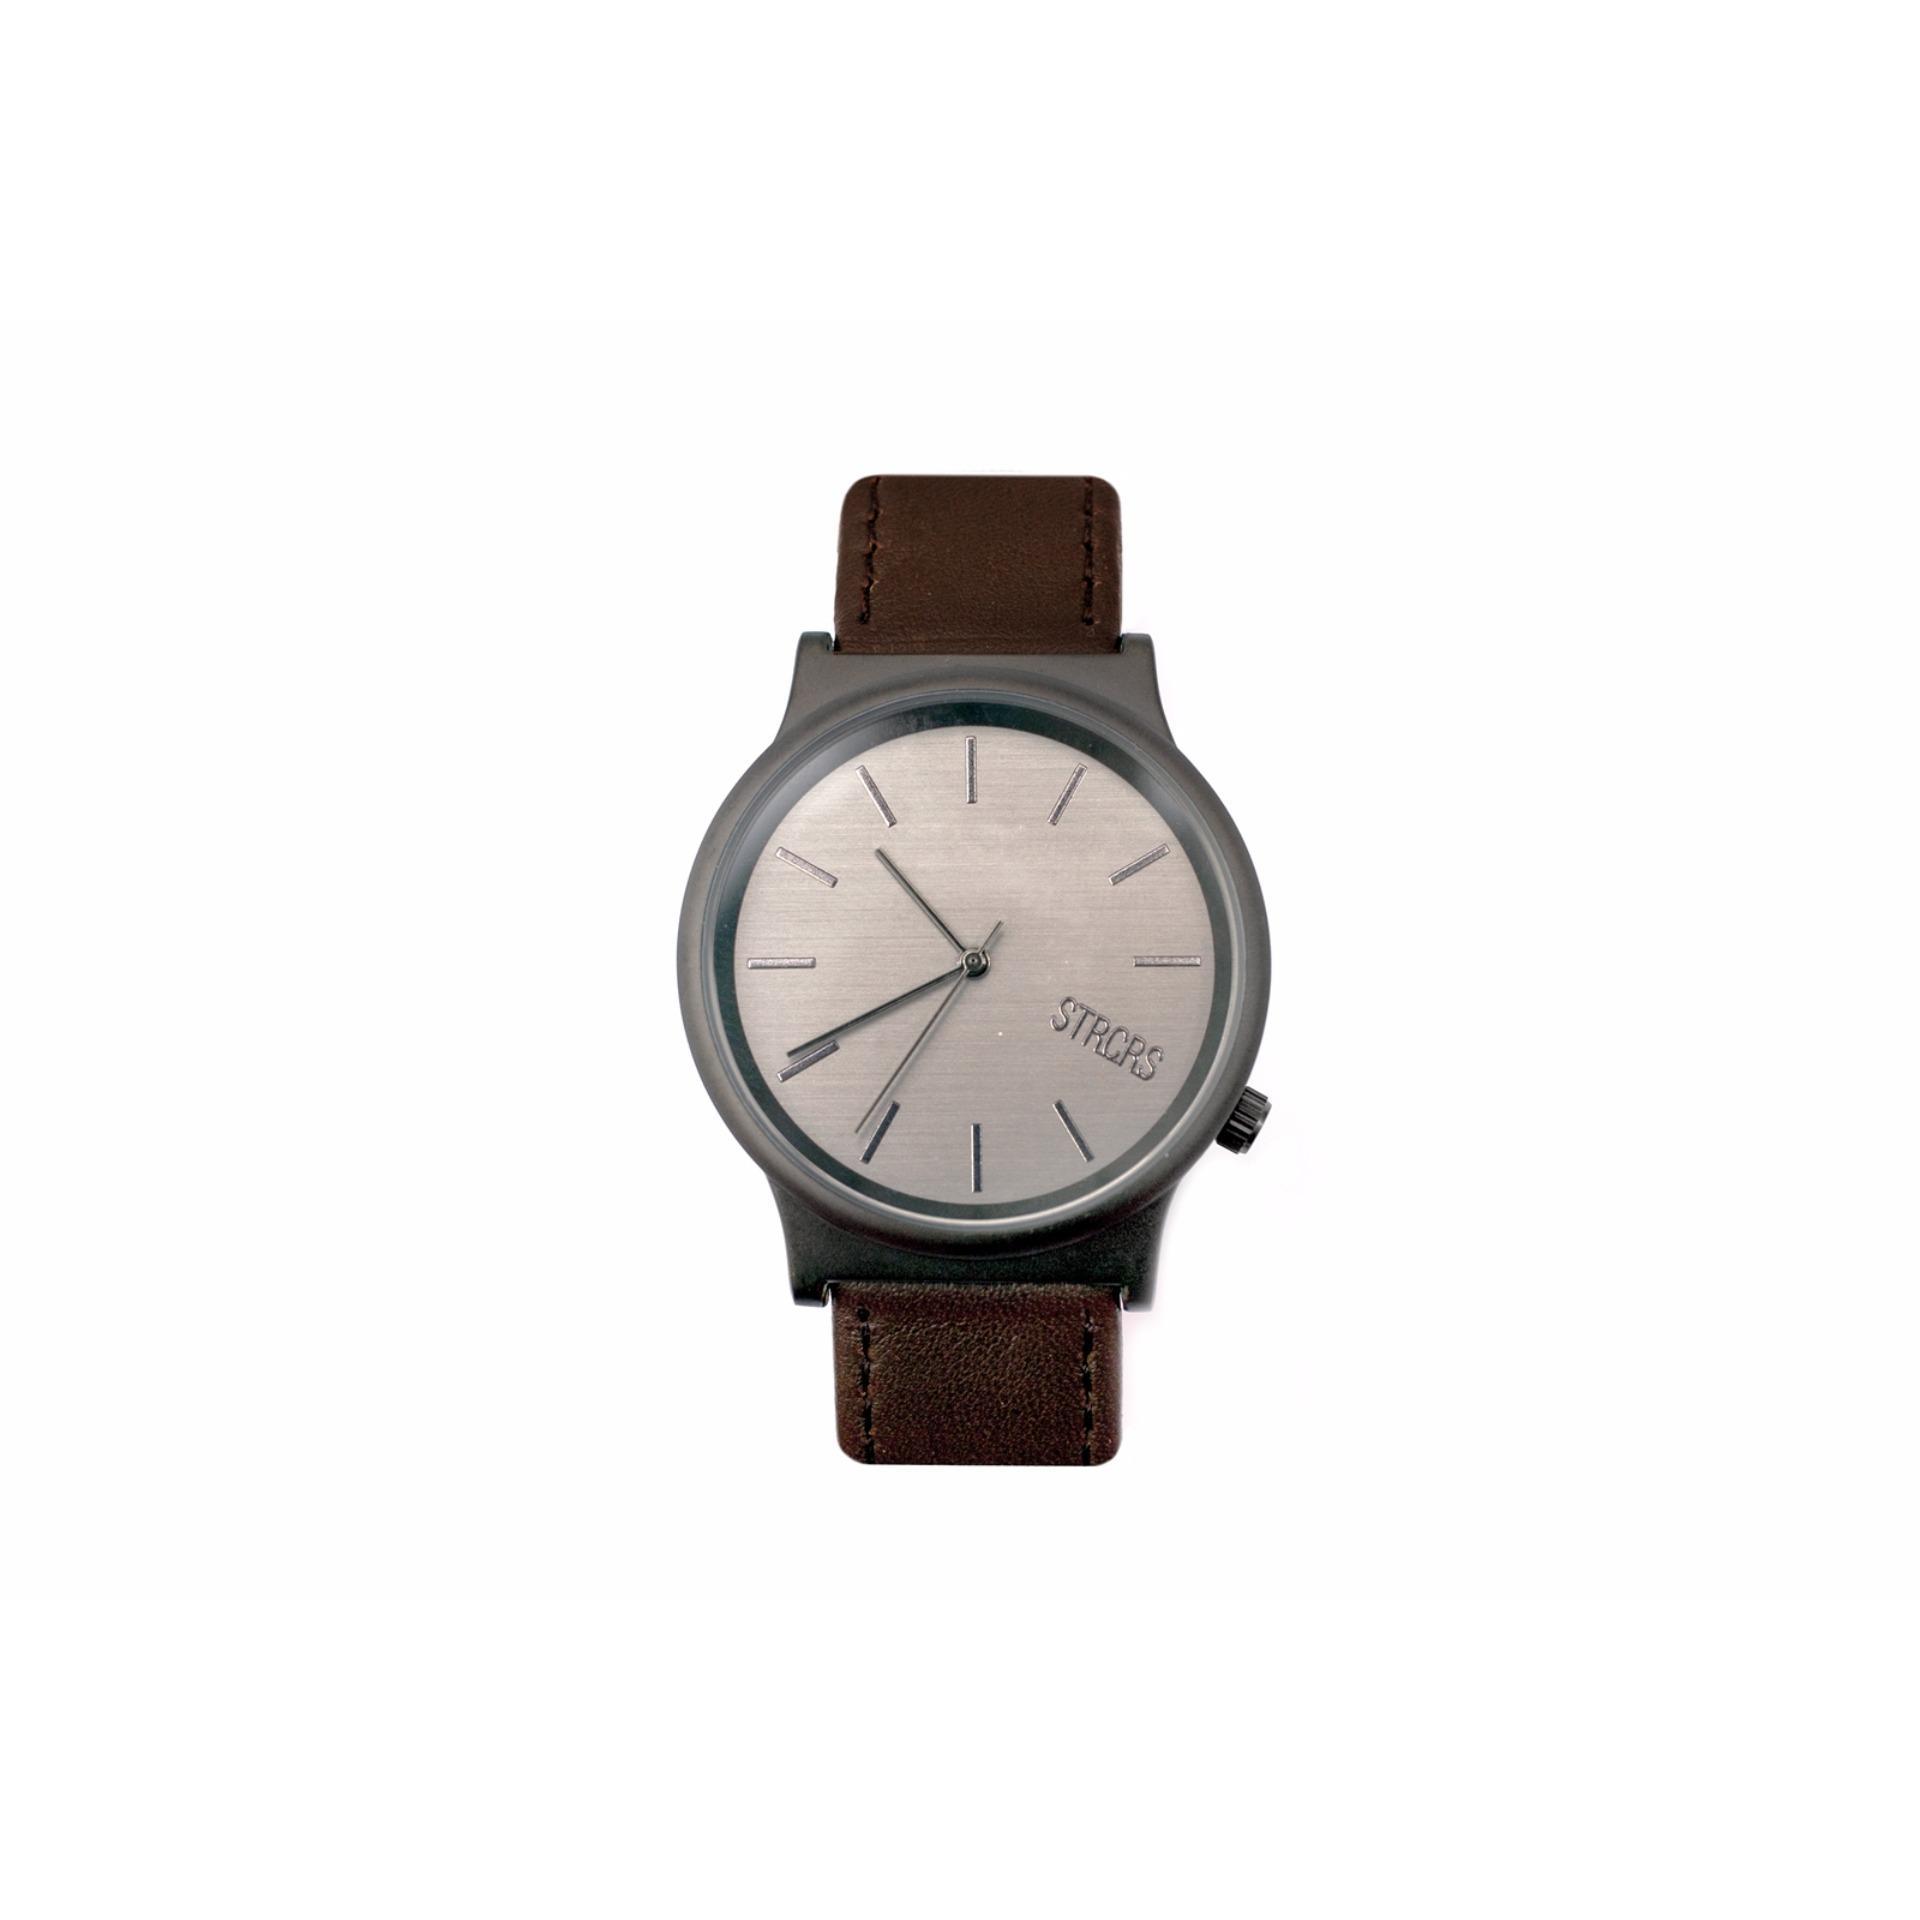 ... Swiss Army Sa6503l Jam Tangan Wanita Kulit Hitam Rose Dial Hitam3 Source STARCROSS jam tangan